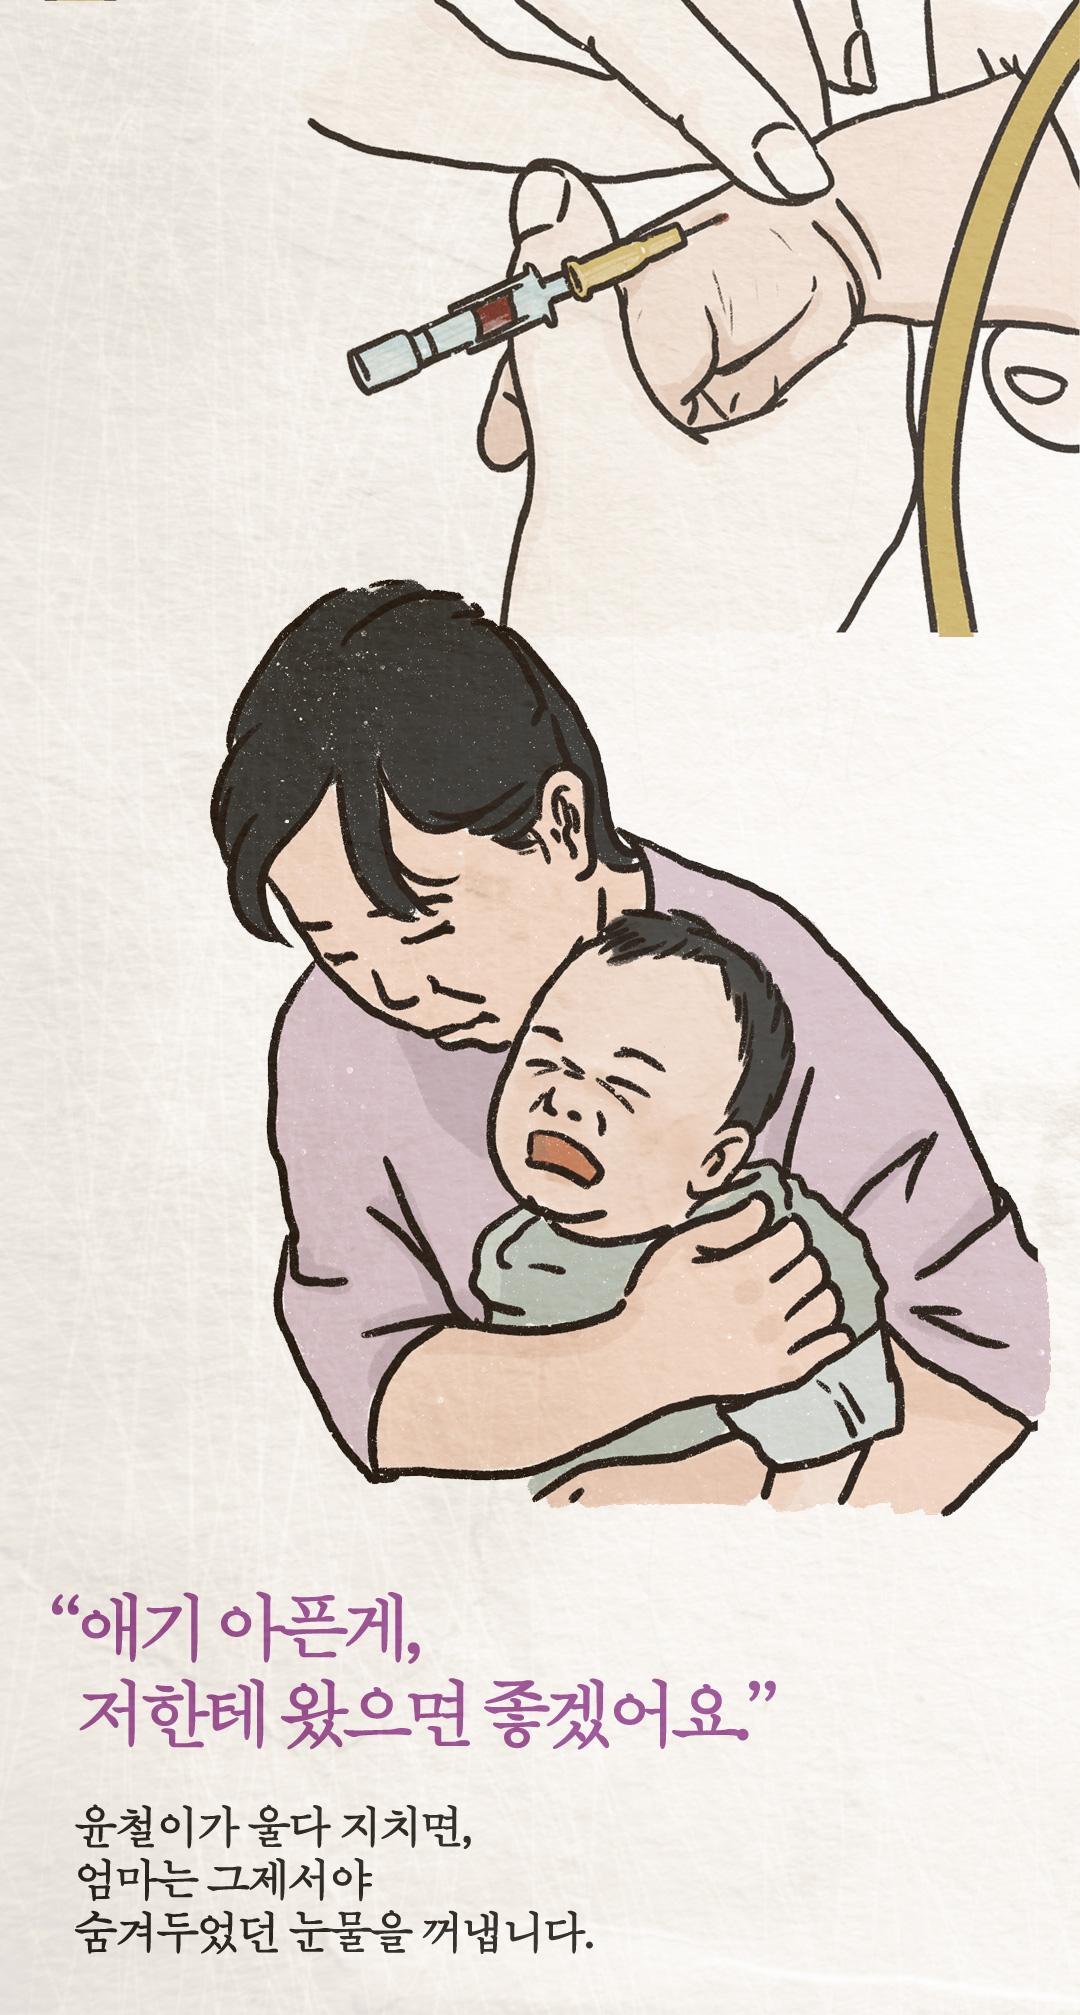 애기 아픈게 저한테 왔으면 좋겠어요 윤철이가 울다 지치면 엄마는 그제서야 숨겨두었던 눈물을 꺼냅니다.